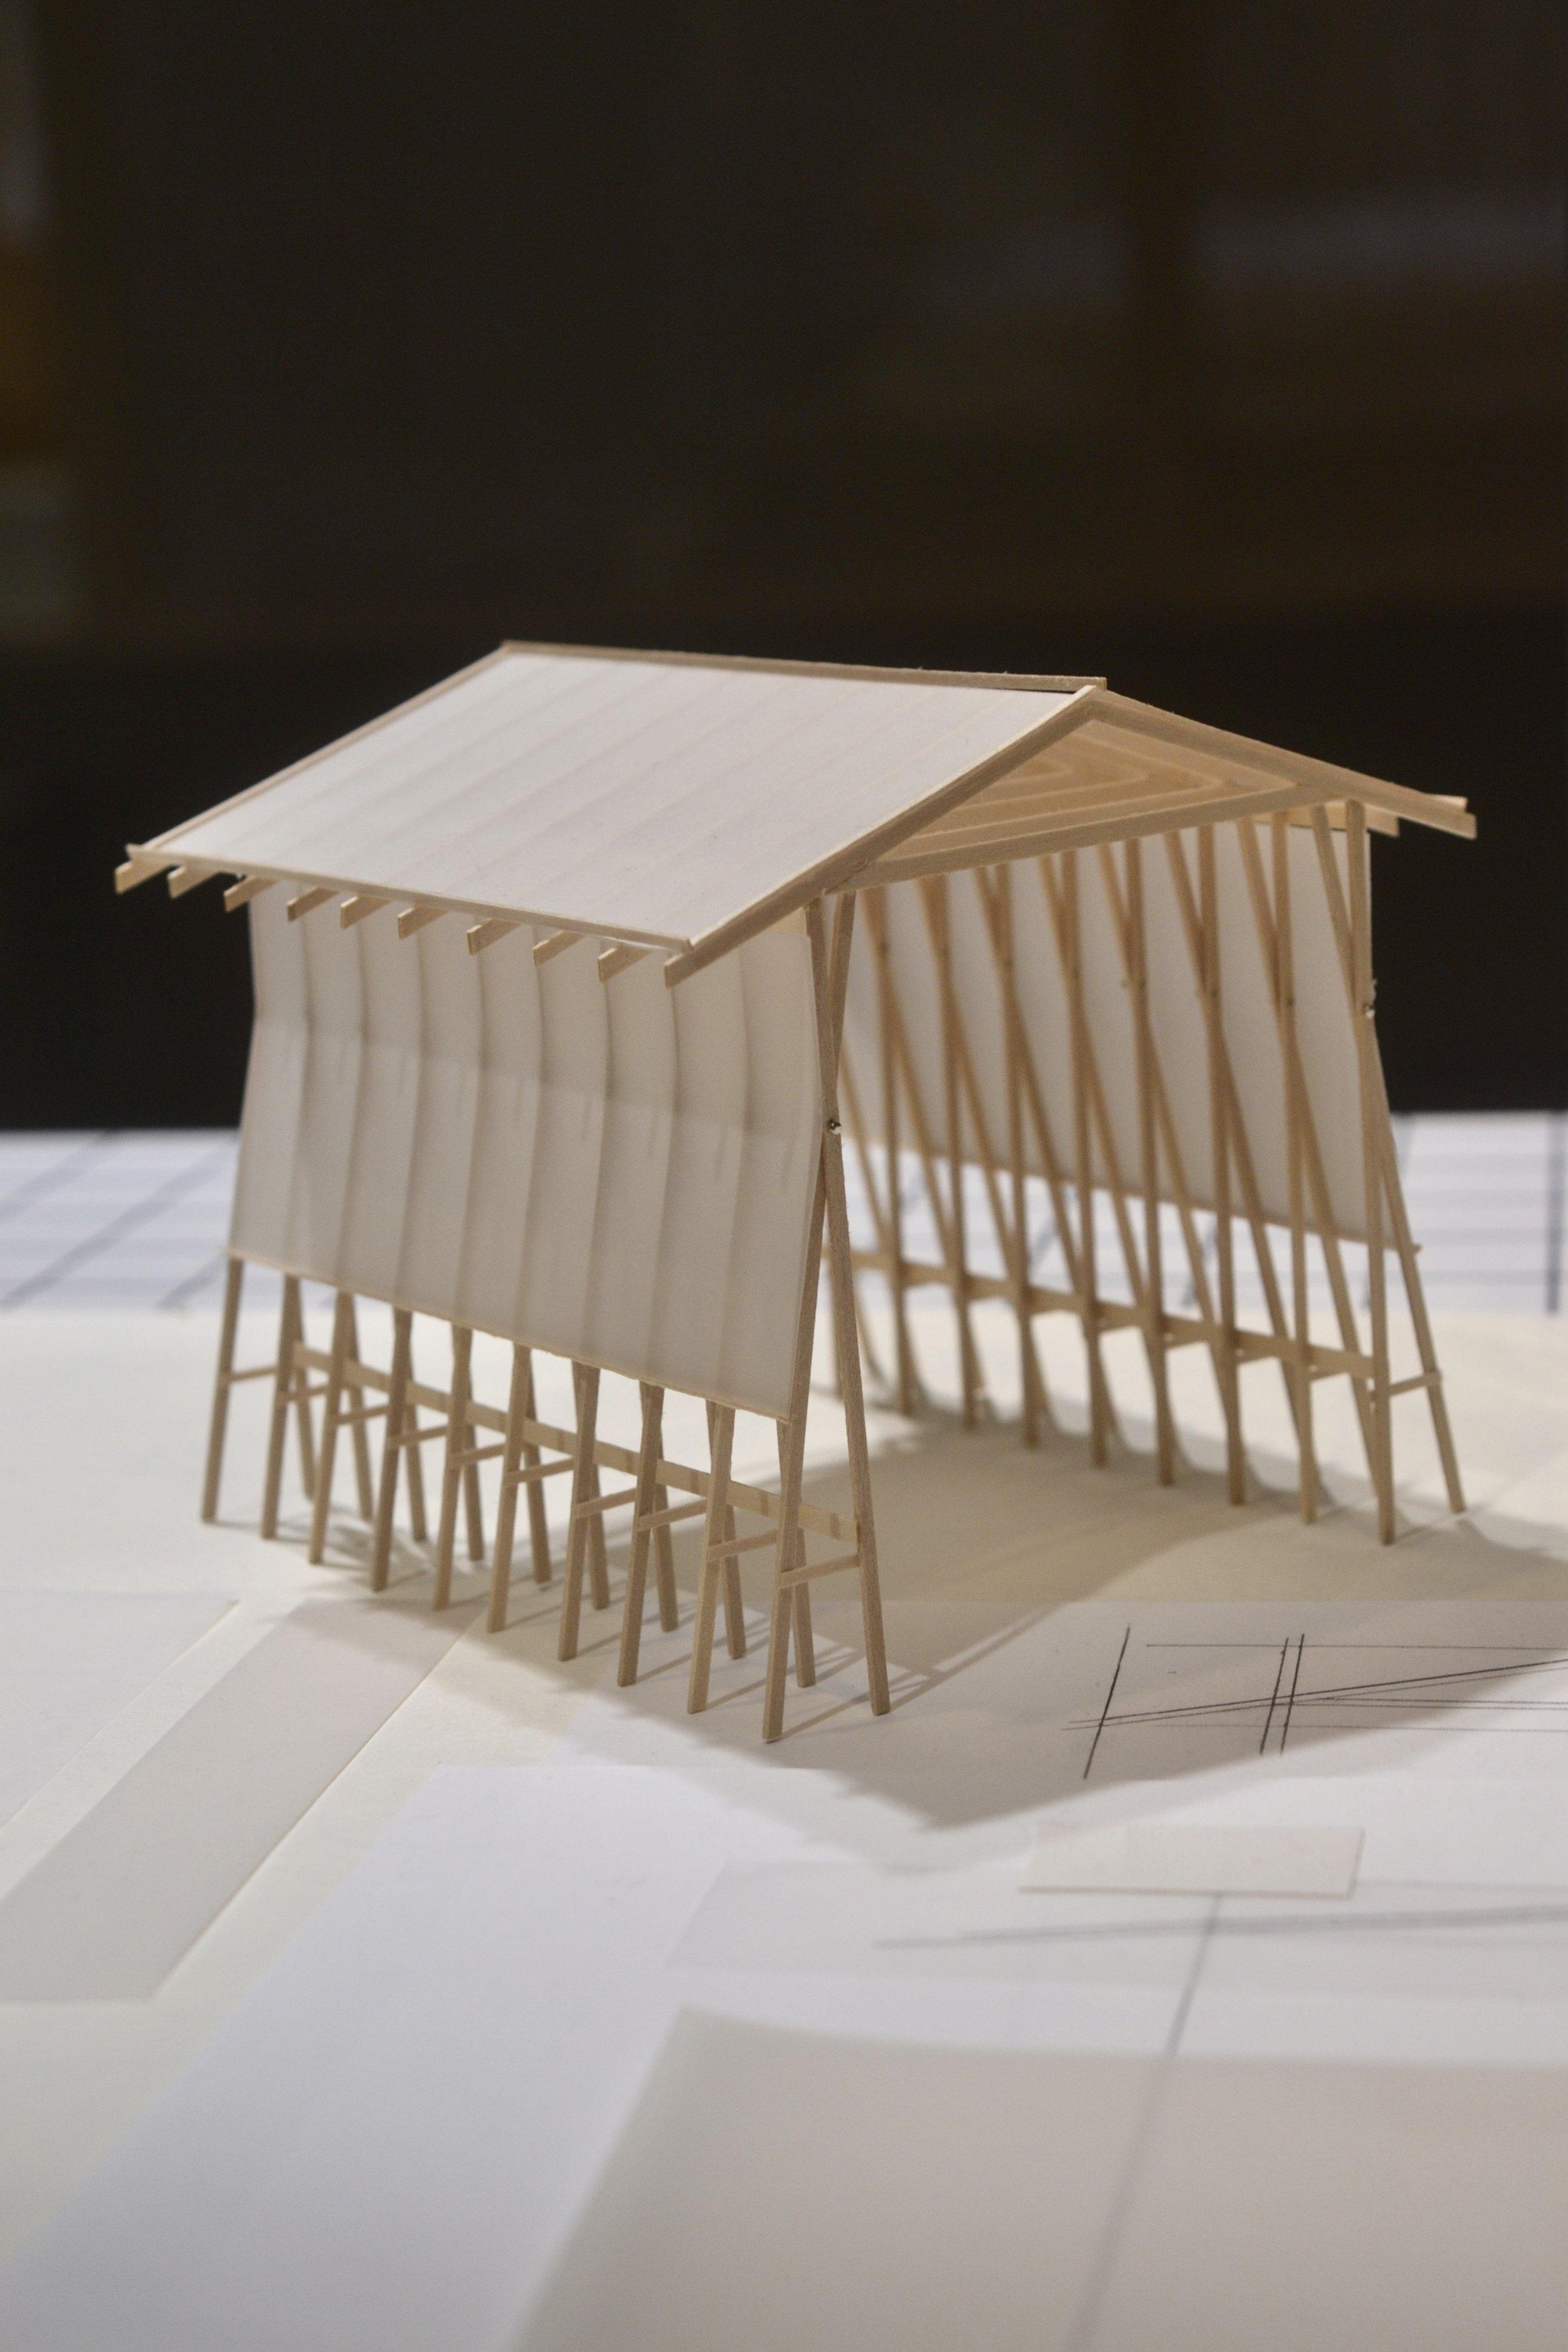 ArchitectModel2018PoppyLawman